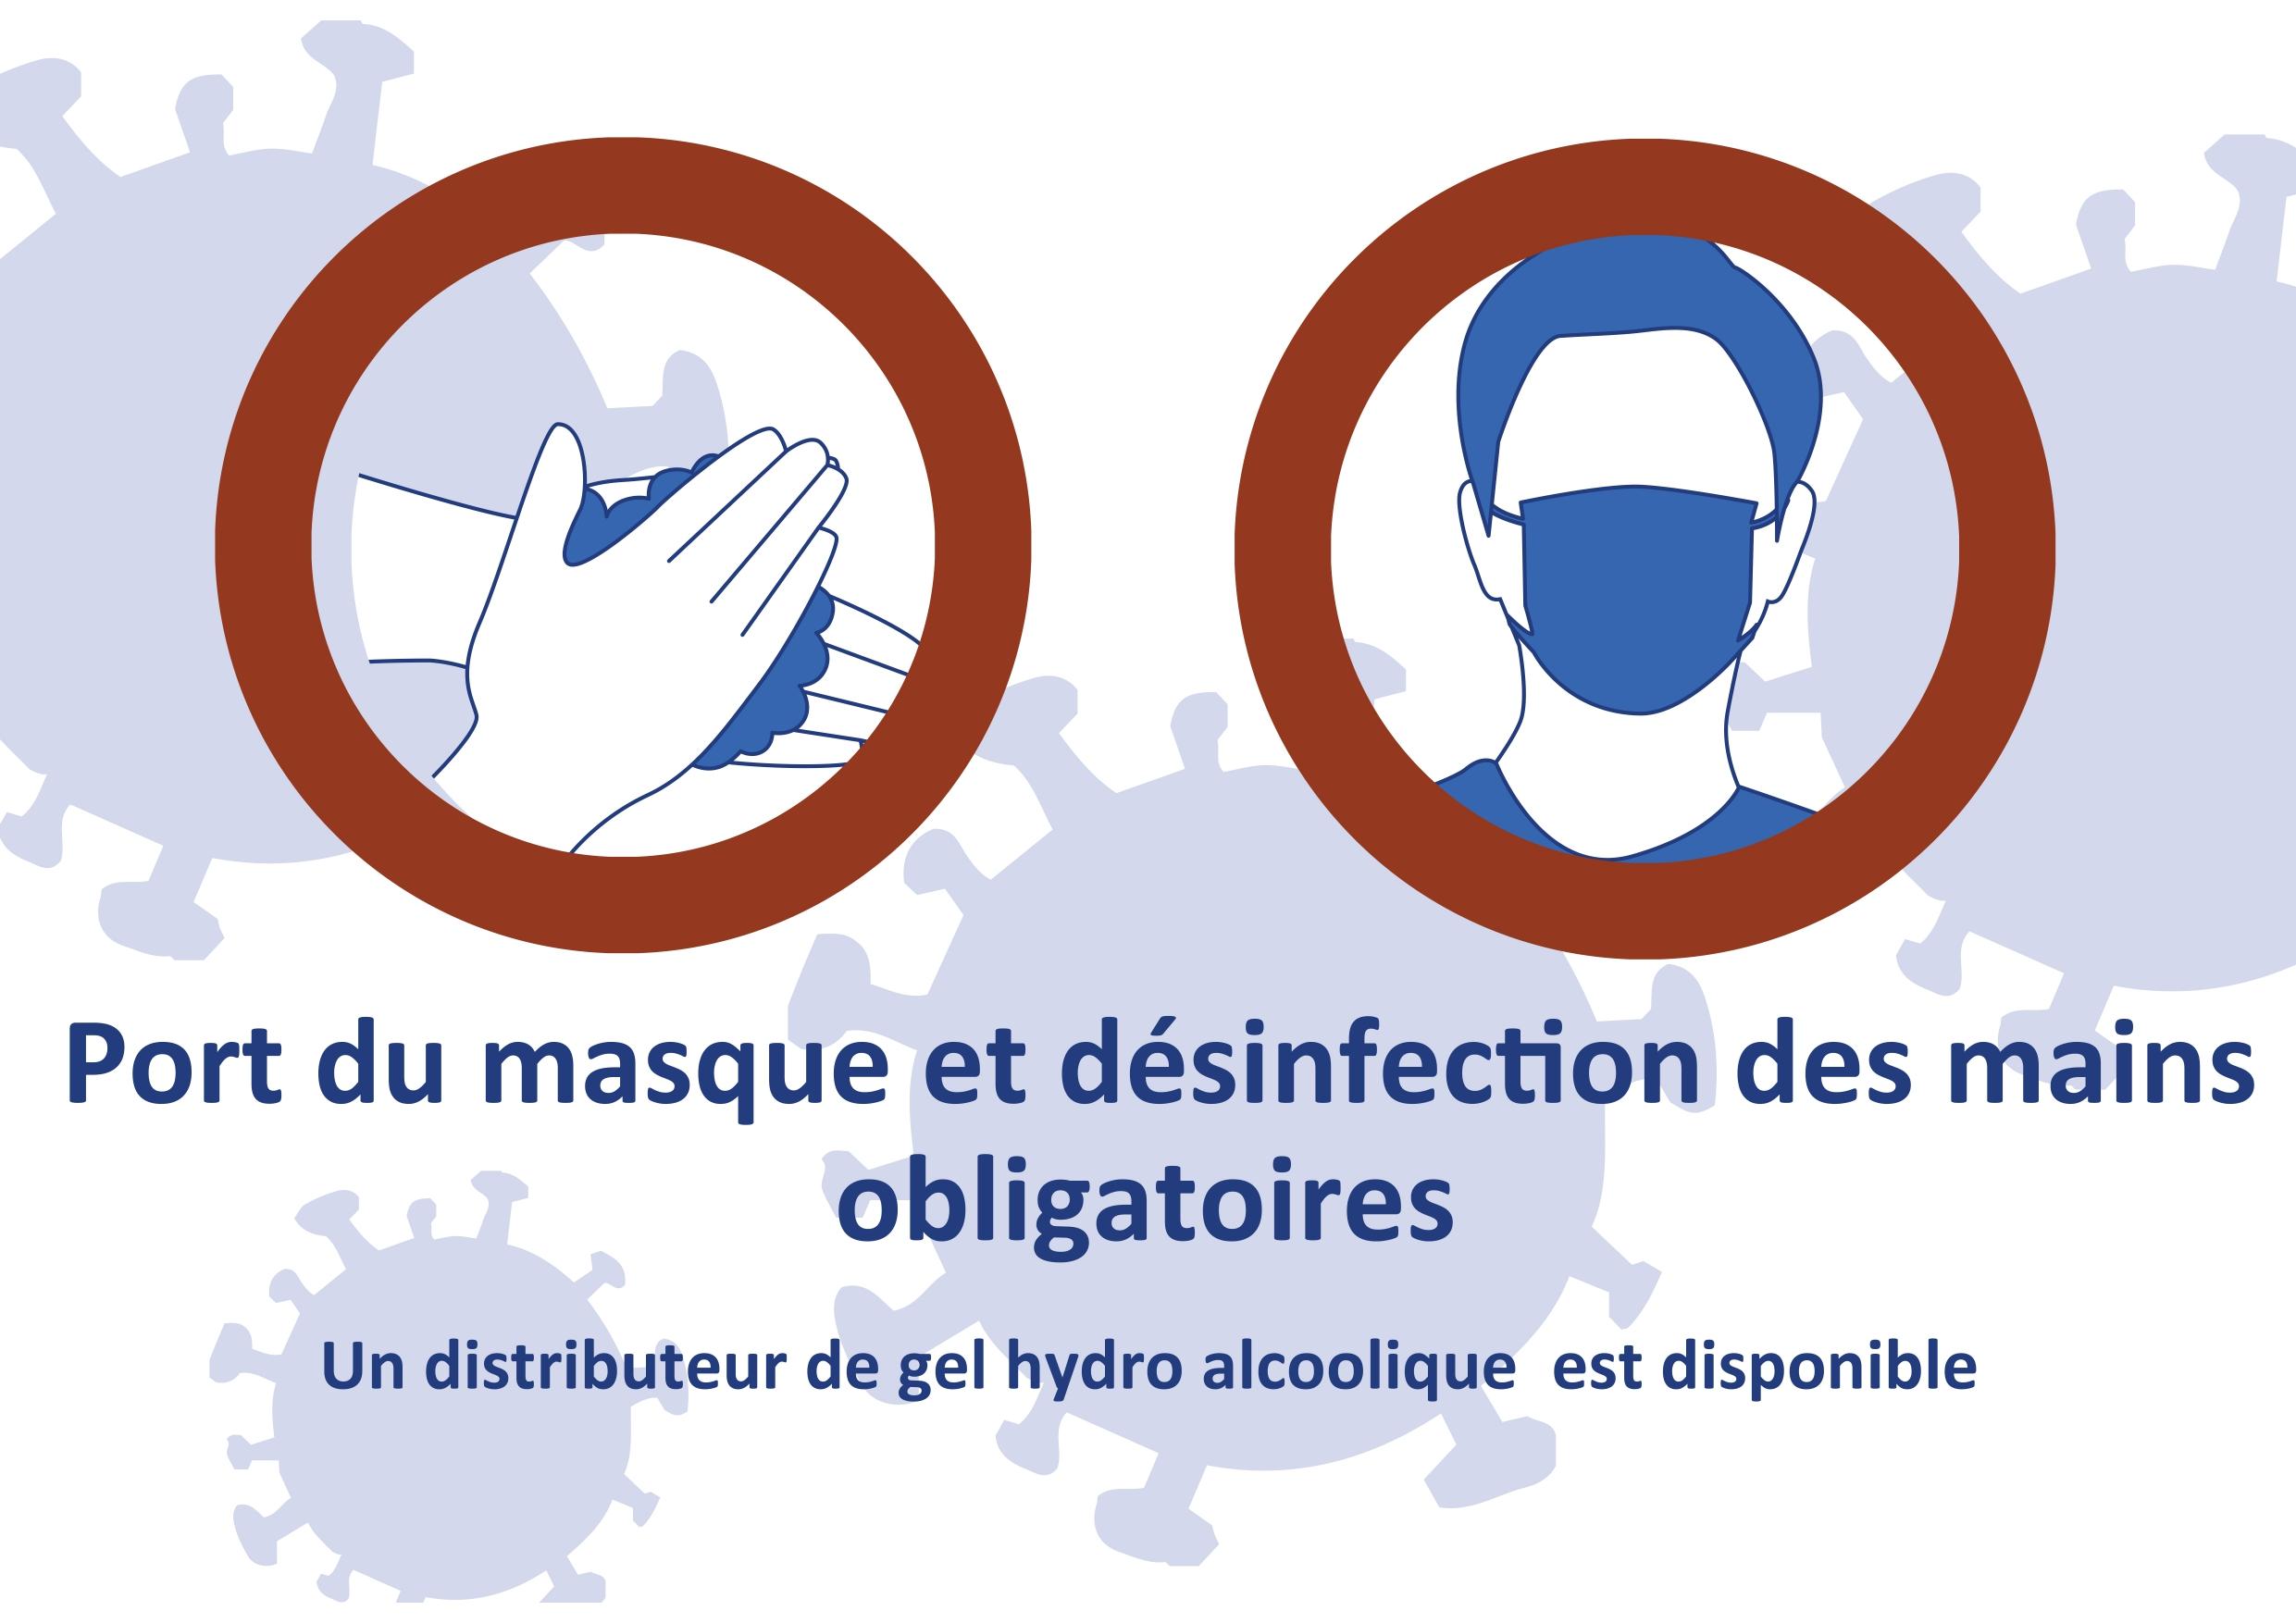 Les gestes-barrière et, en complément, le port du masque, doivent ralentir la propagation du virus.